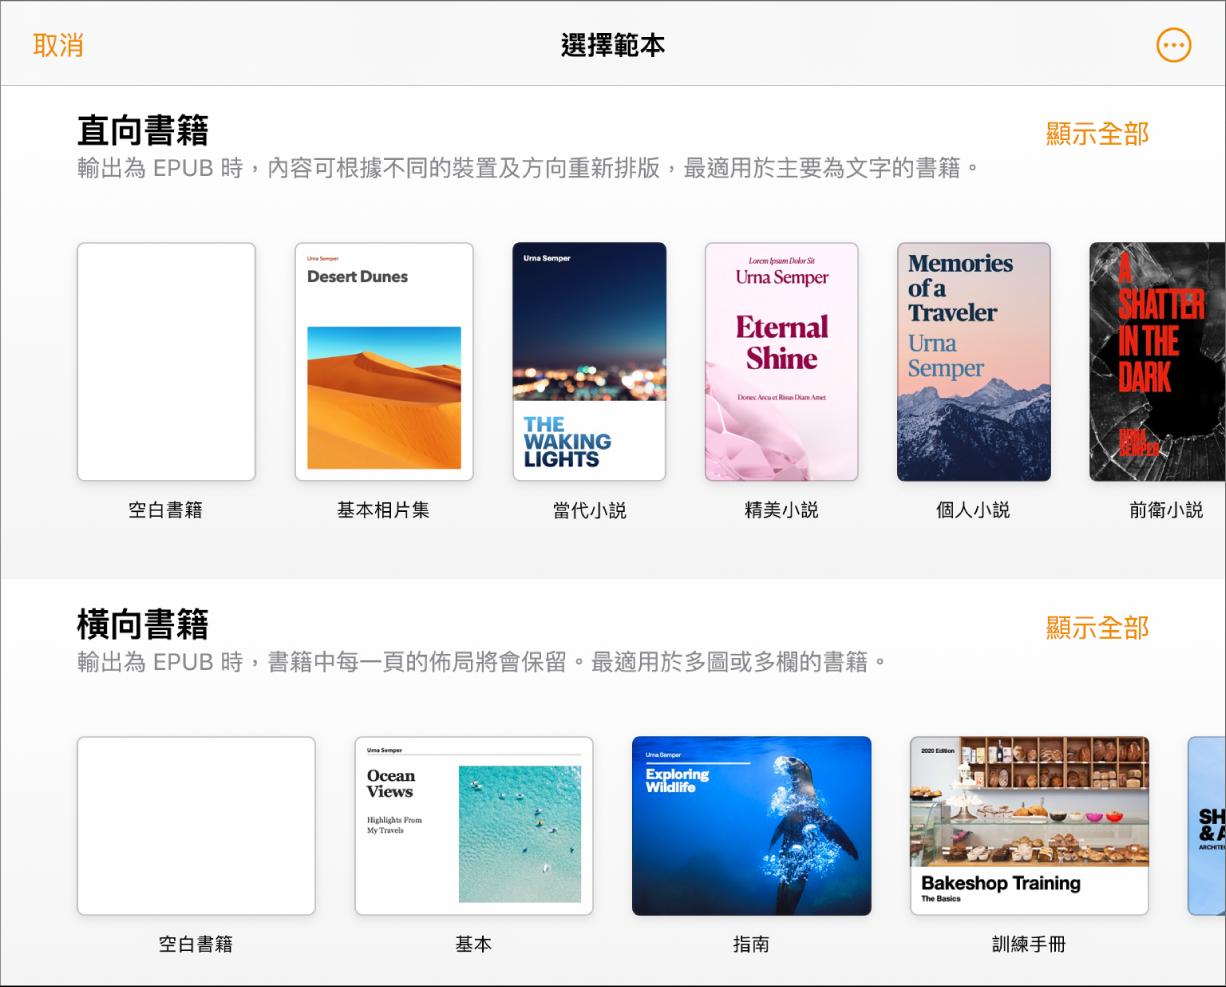 範本選擇器,最上方顯示直向書籍範本,下方則為橫向。